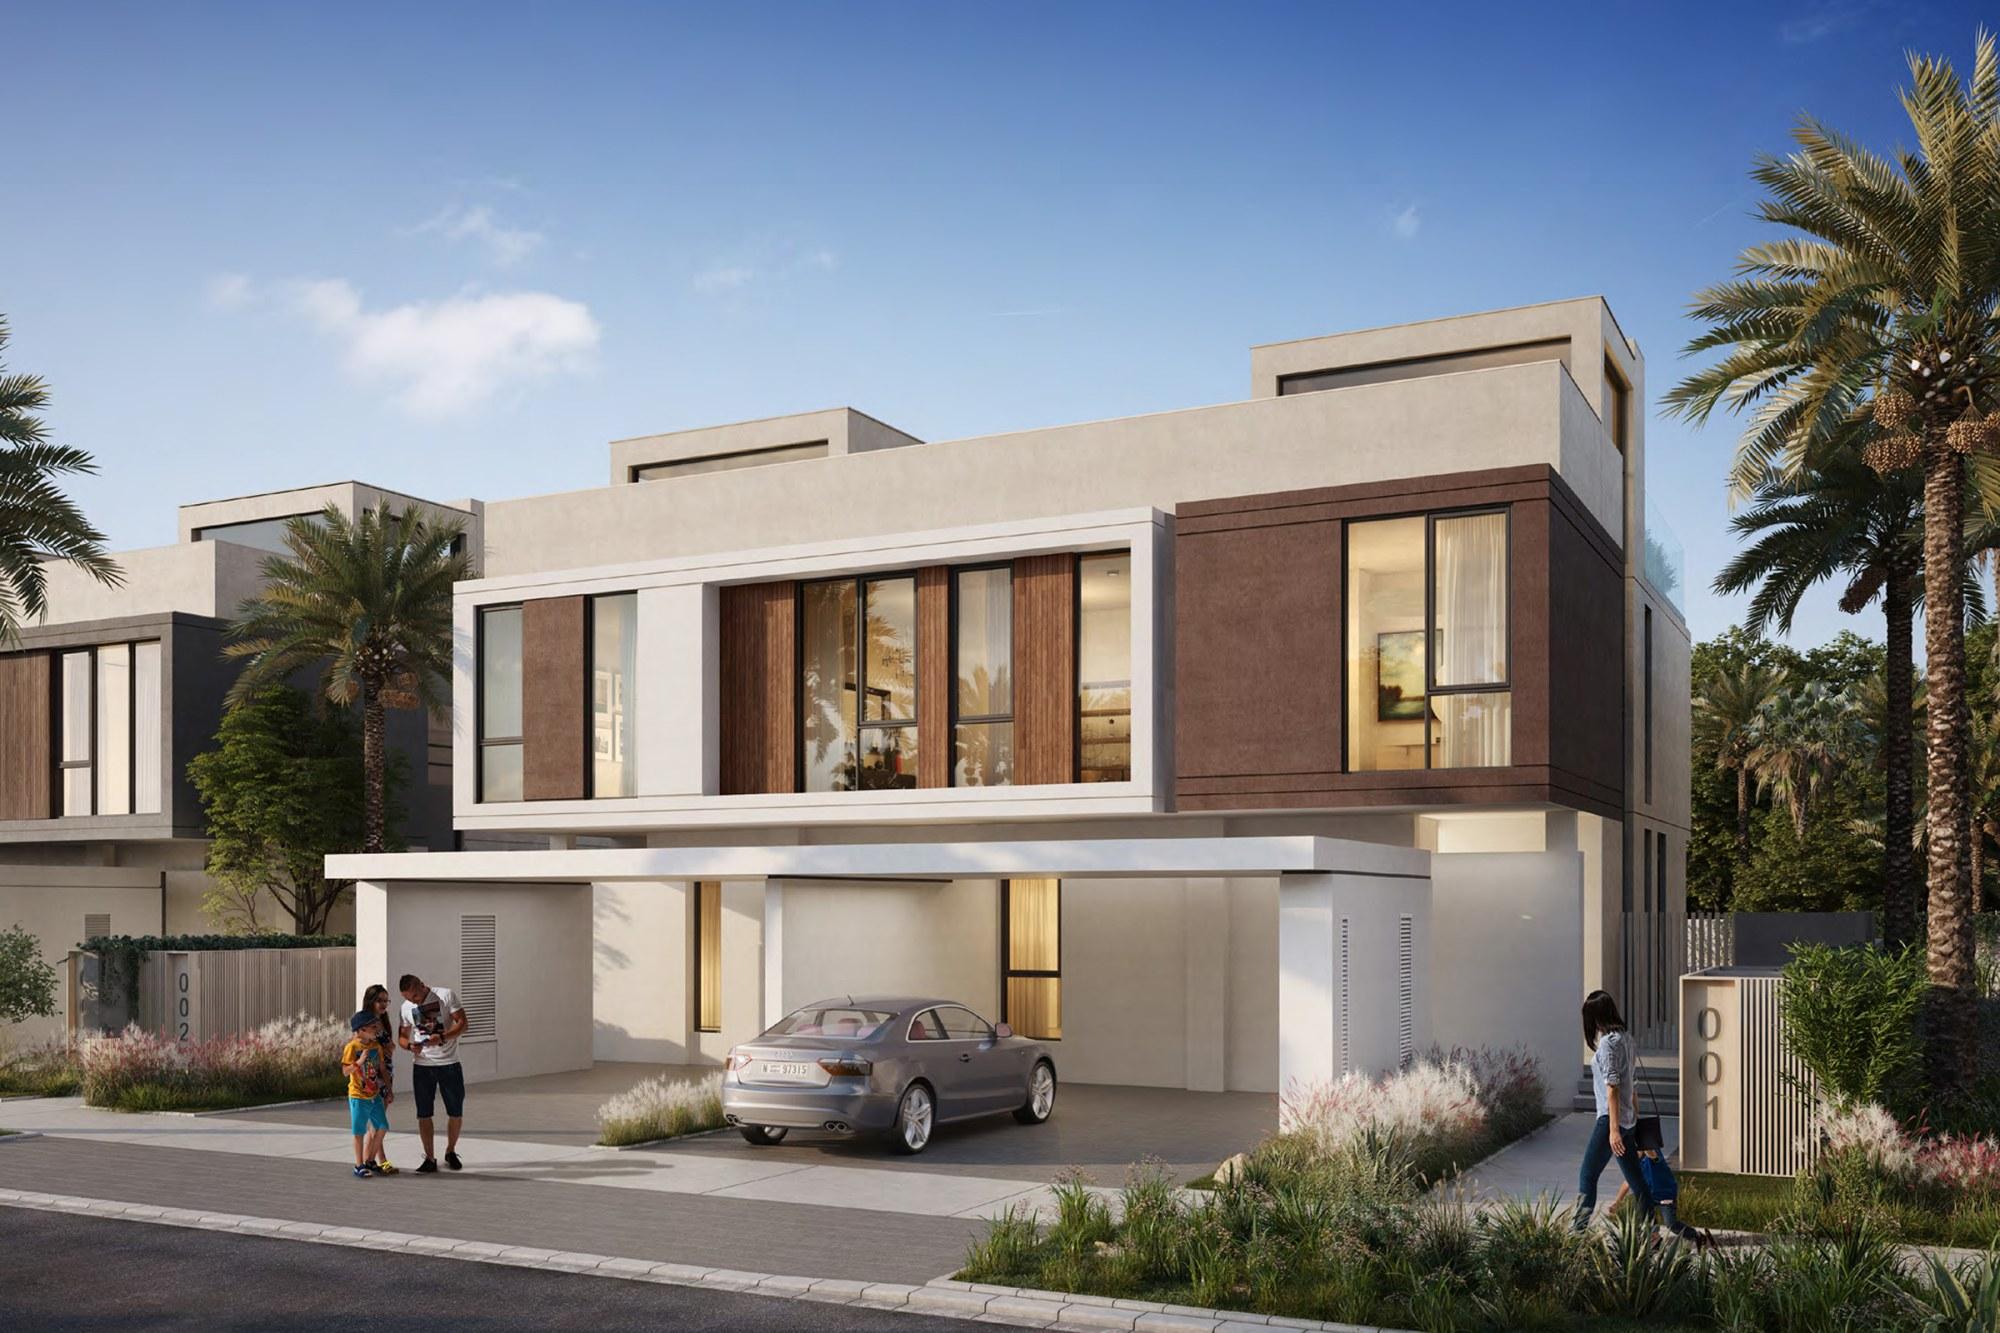 Semi-Detached 3 Bed Villa | Close To Park